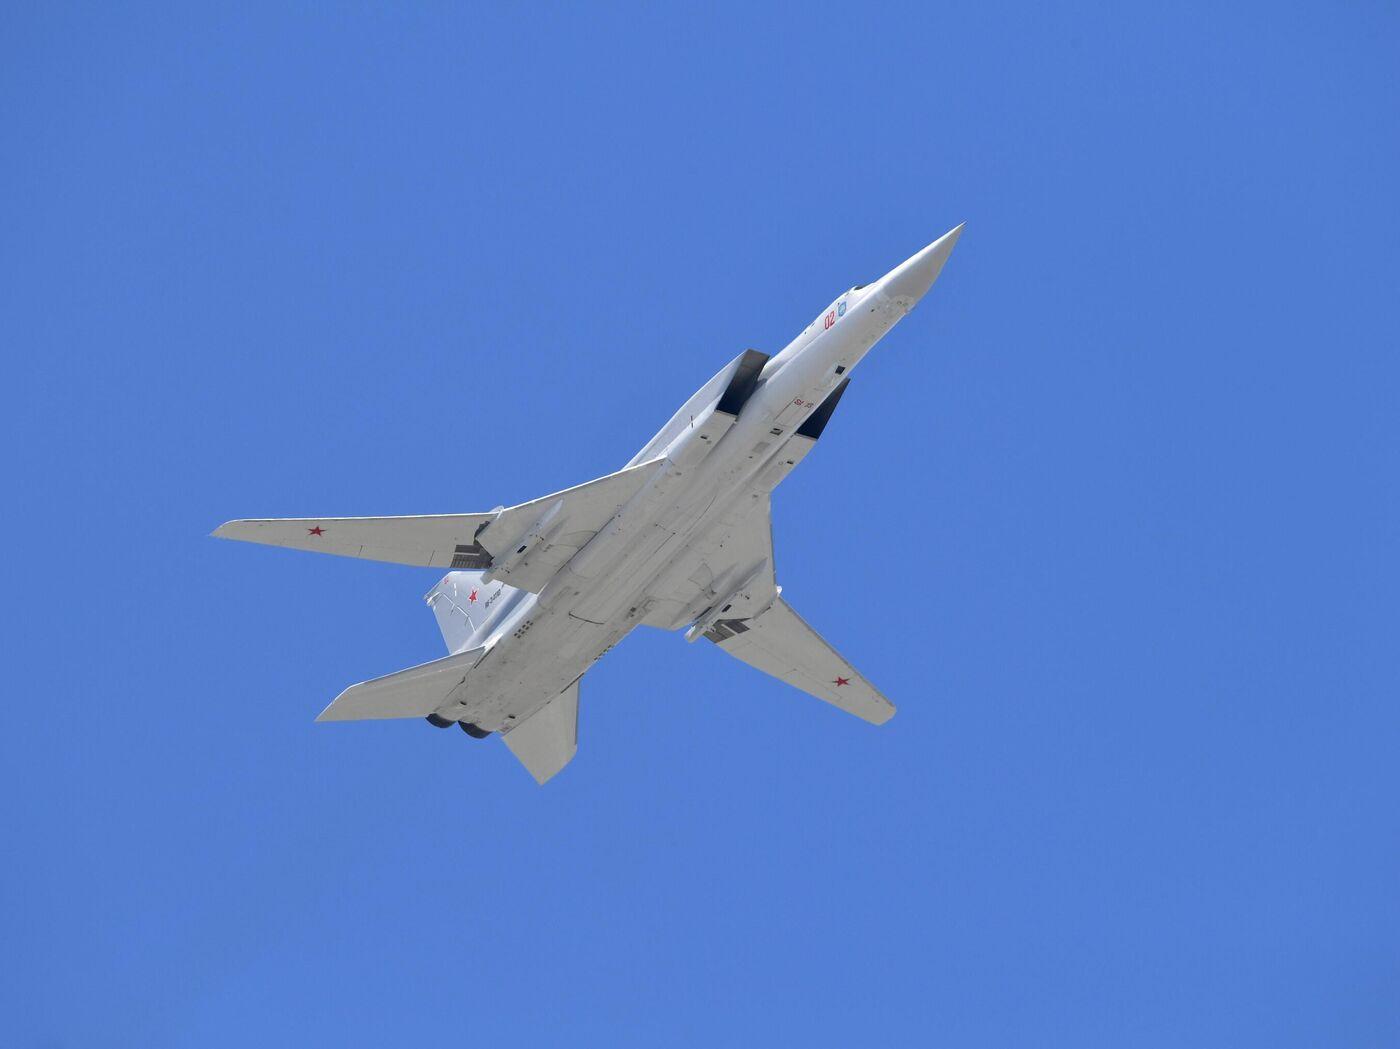 Обои Ту-22м3, сверхзвуковой, ракетоносец-бомбардировщик. Авиация foto 13